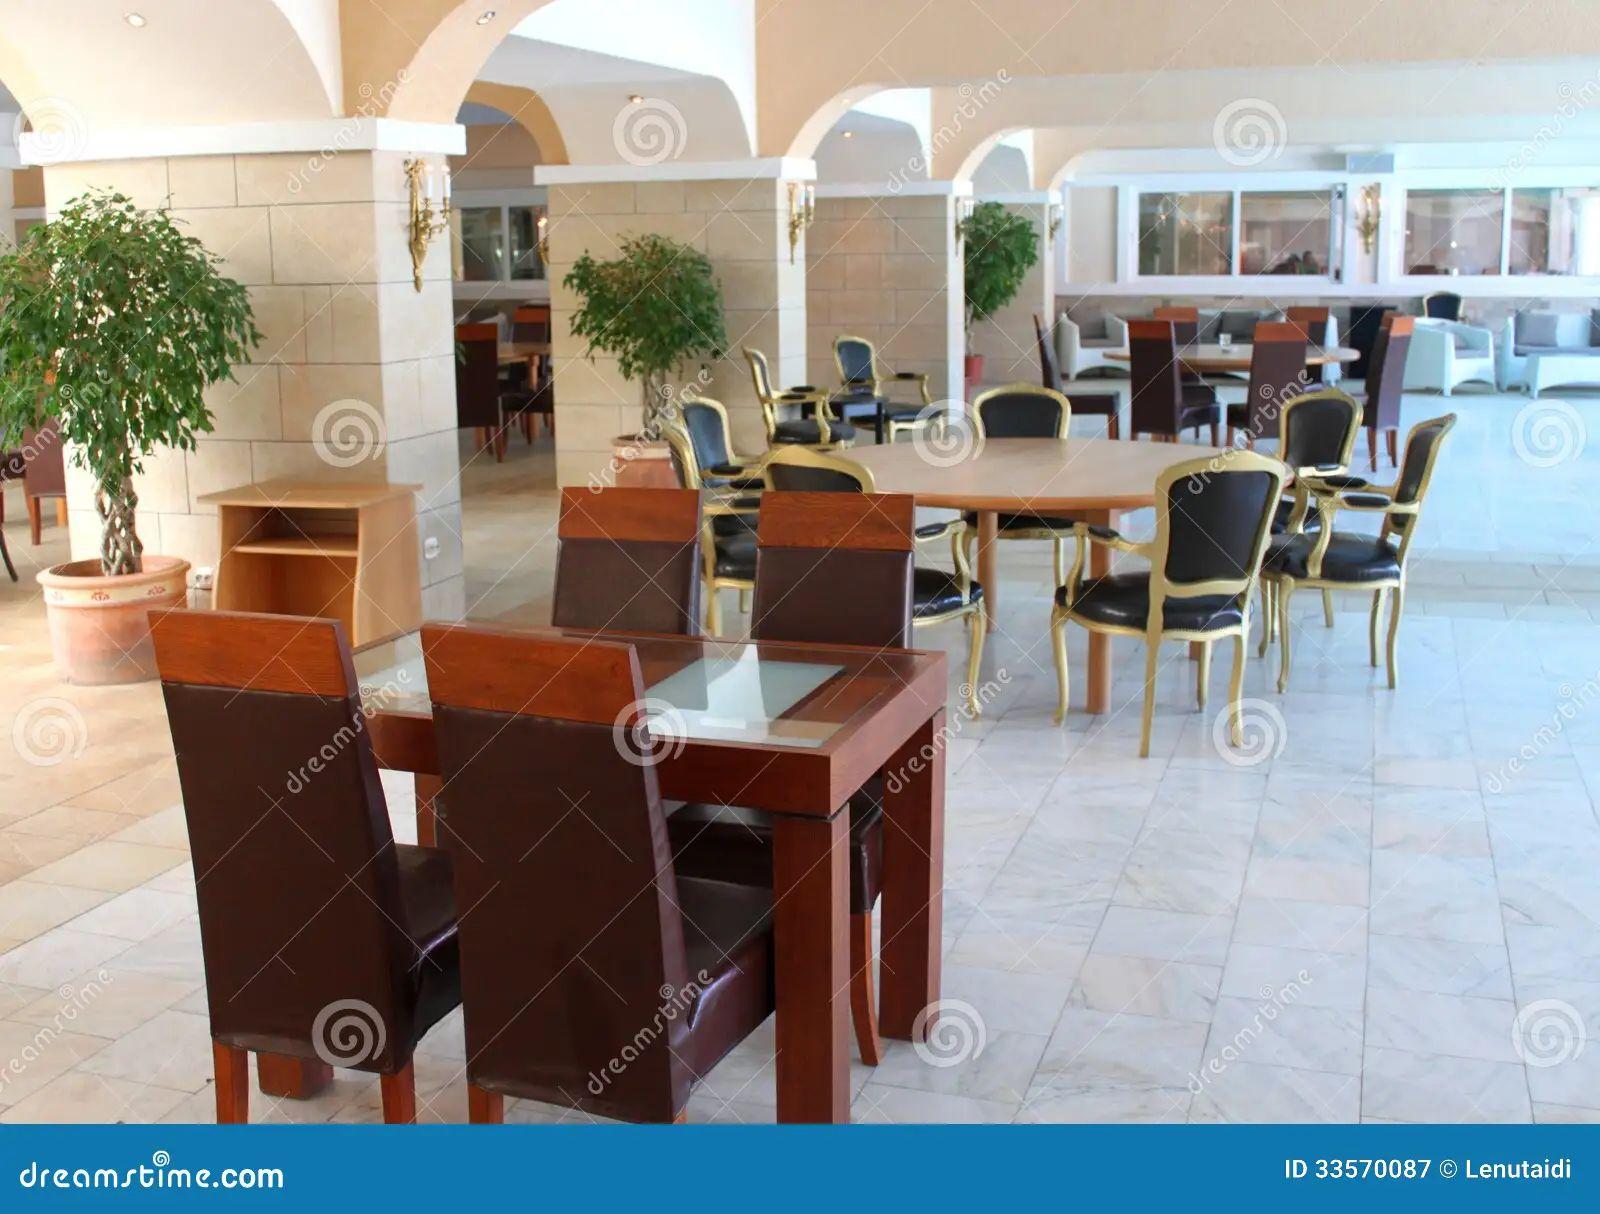 Restaurant furniture tables - Download